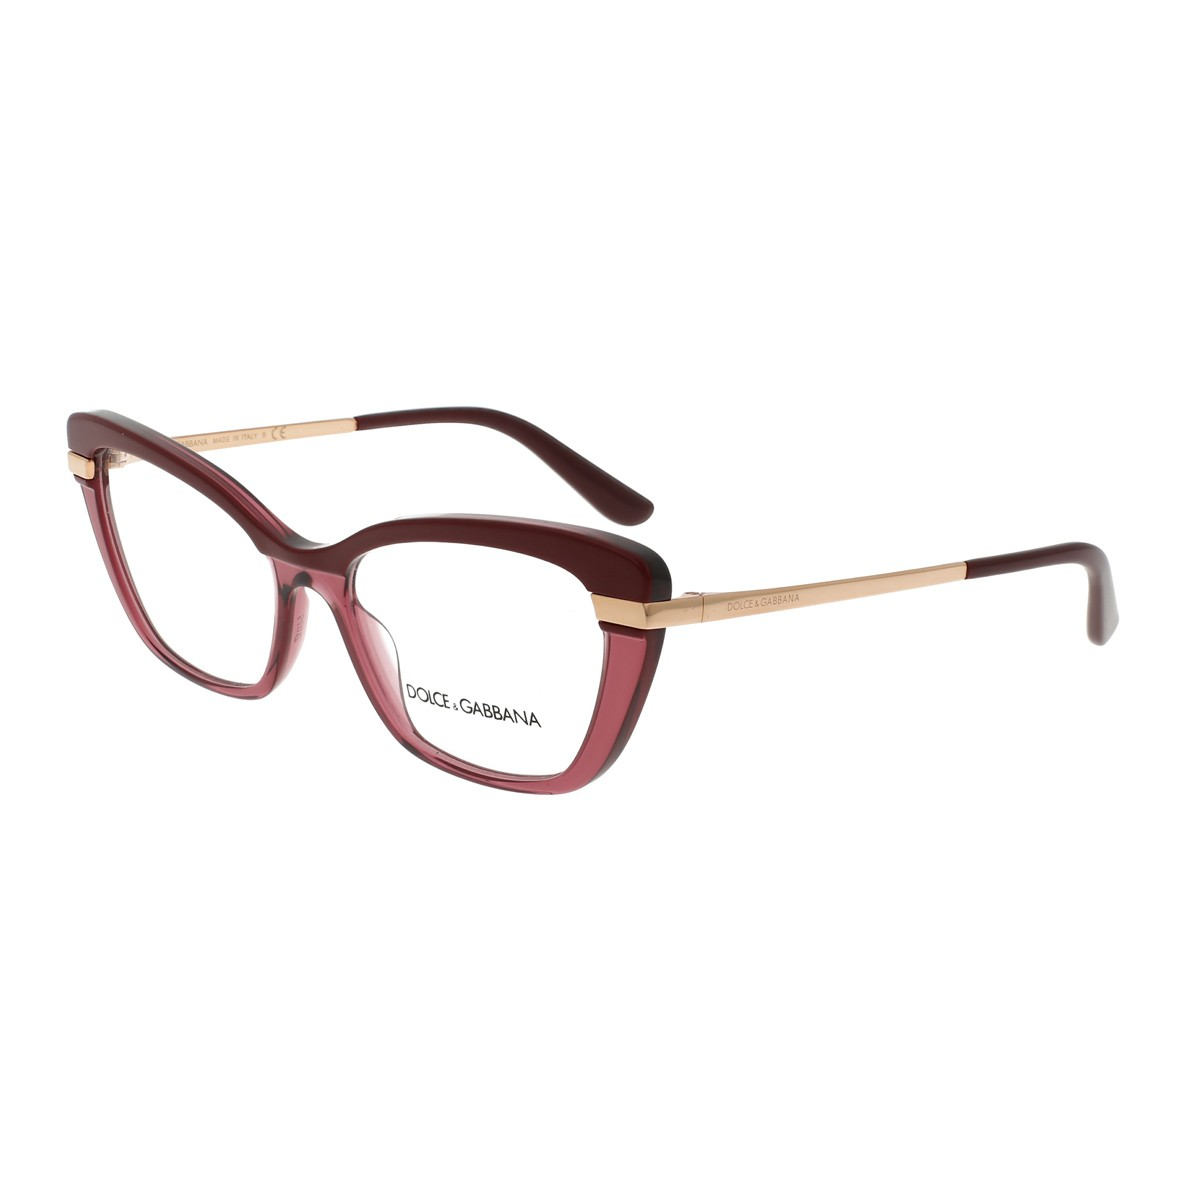 Dolce & Gabbana DG 3325 | Women's eyeglasses